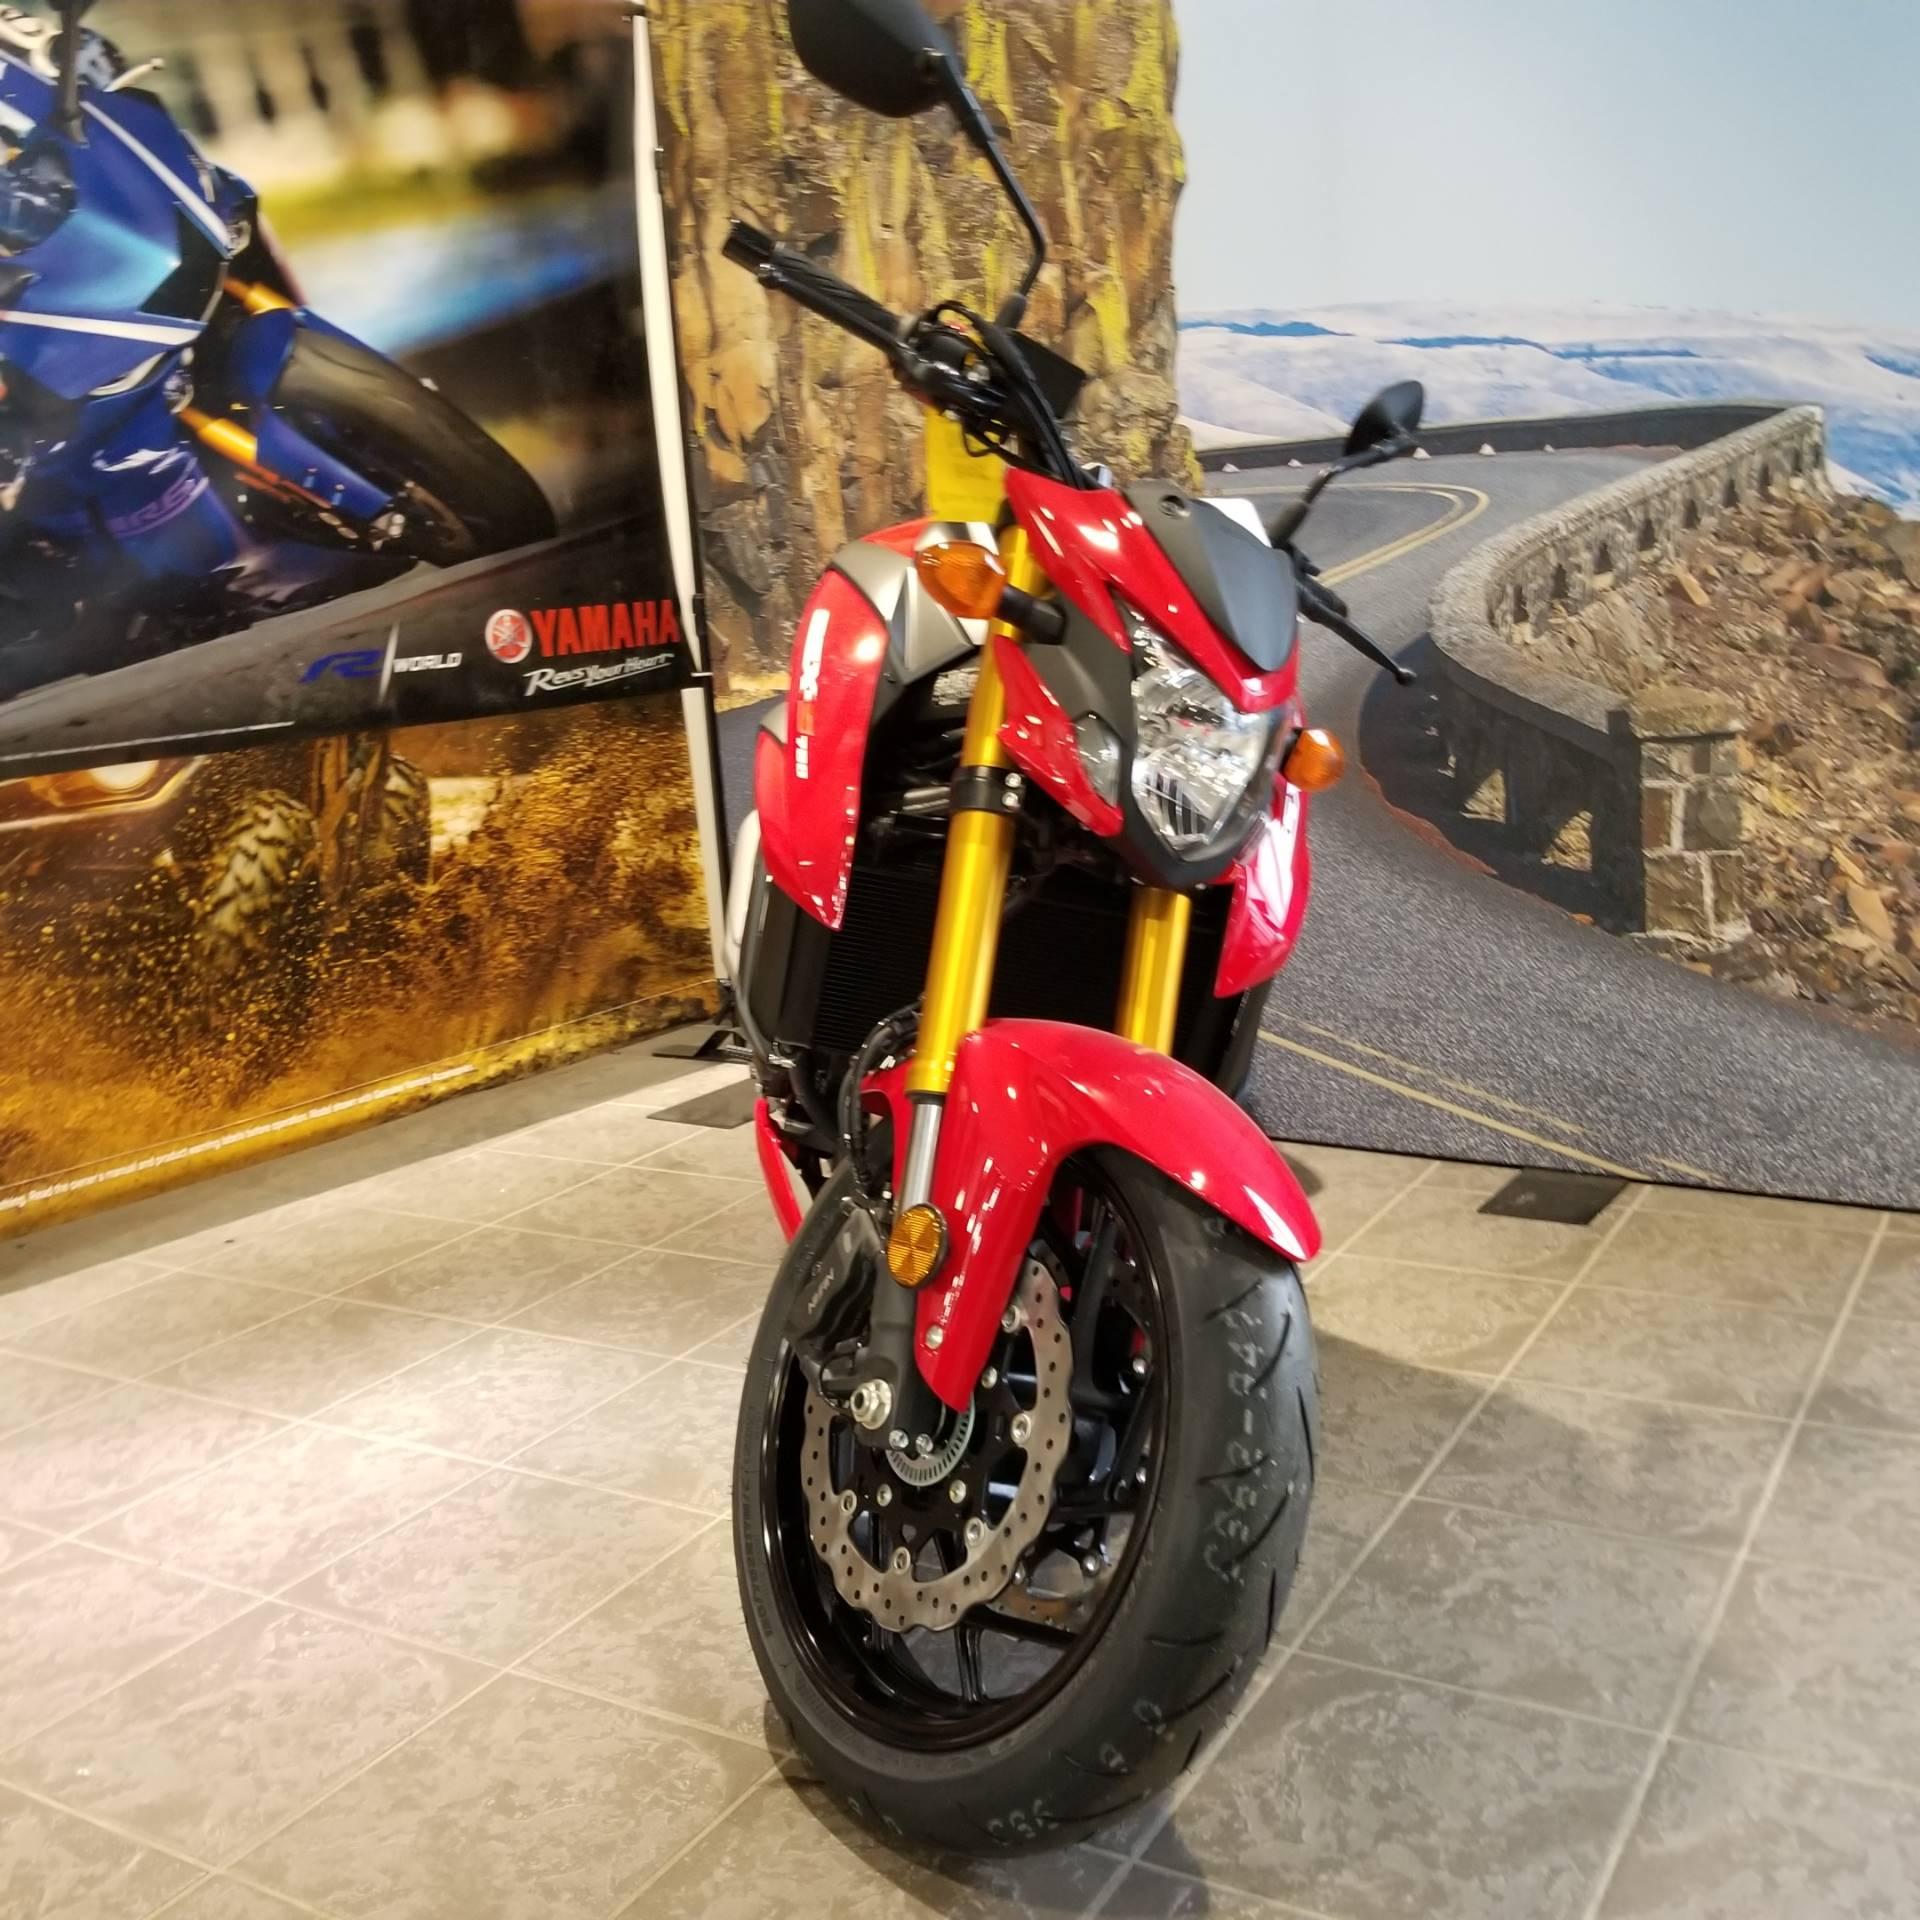 94 Suzuki Consumer Ratings: New 2018 Suzuki GSX-S750 Motorcycles In Hickory, NC